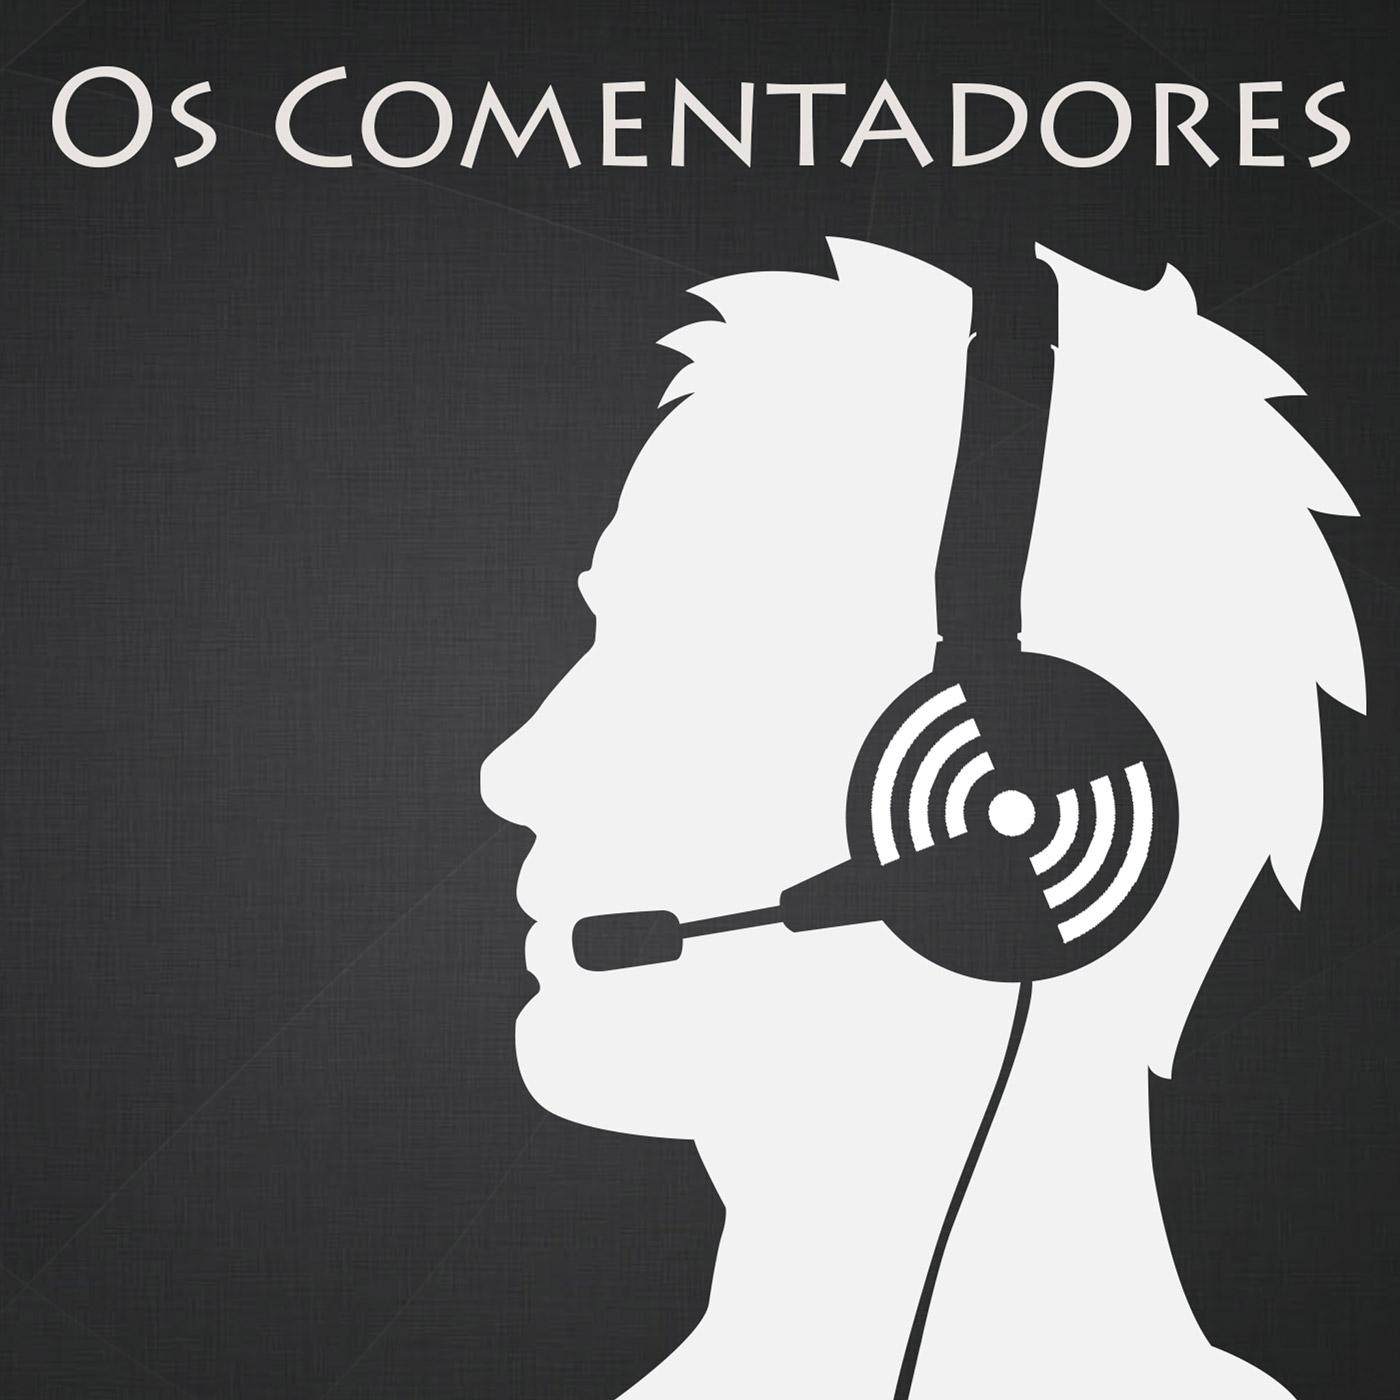 Os Comentadores | Mundo Podcast